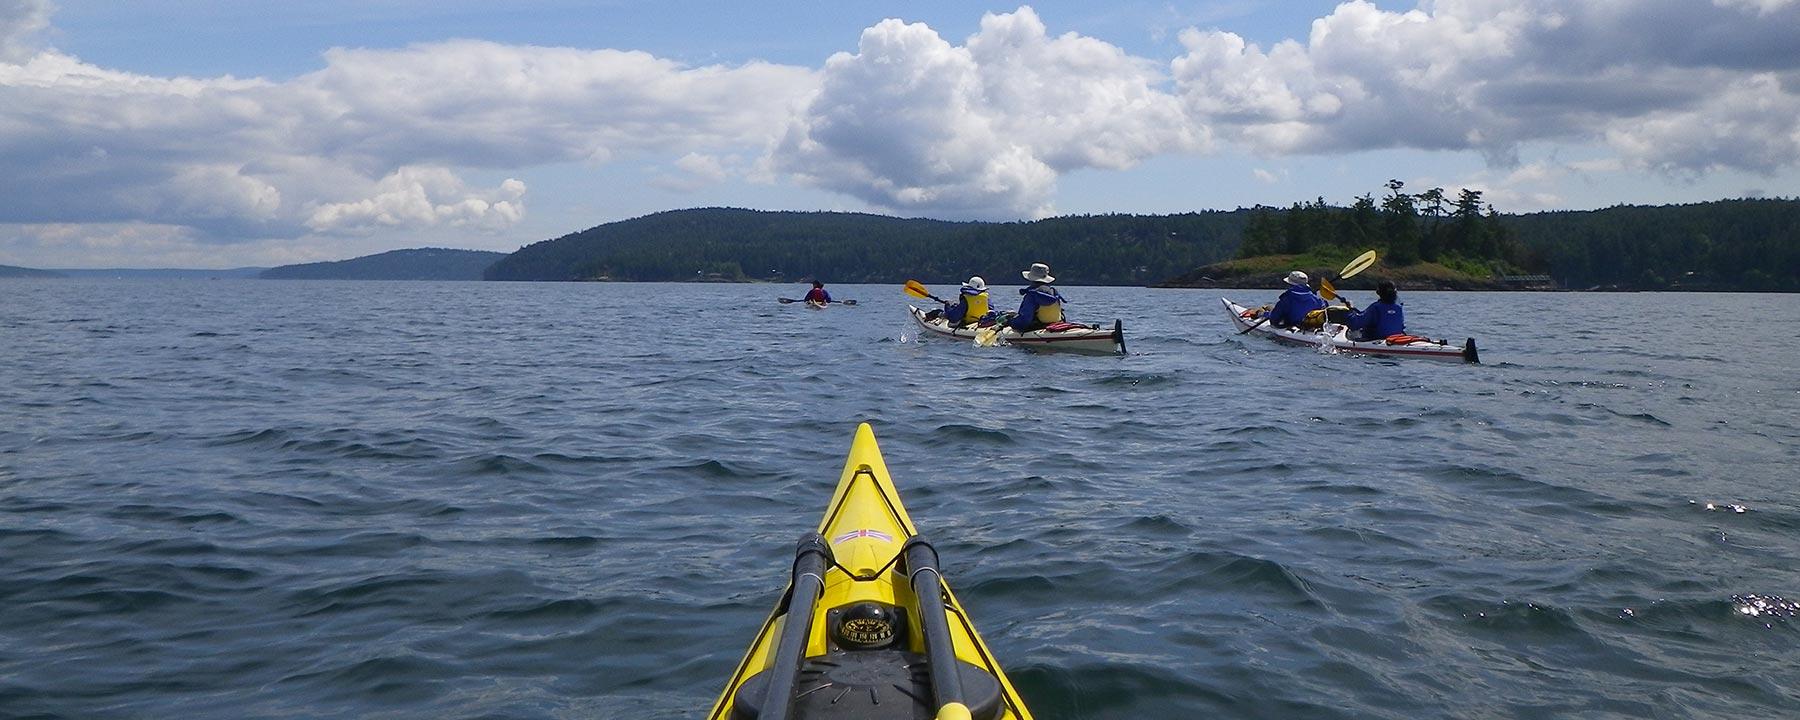 San Juan Island Sea Kayak Tours